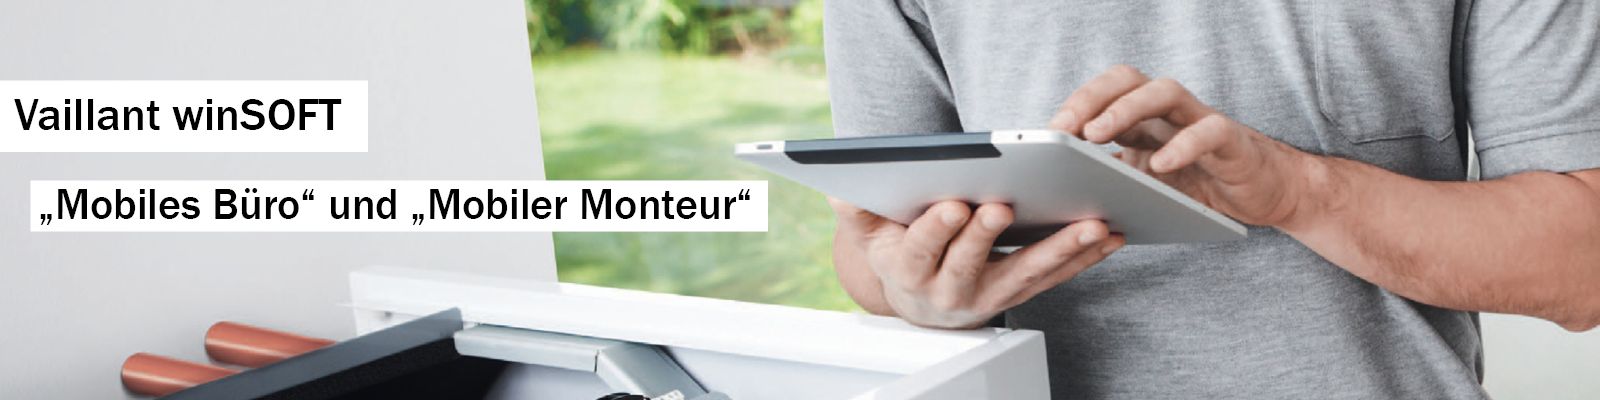 mobiler Monteur und mobiles Büro